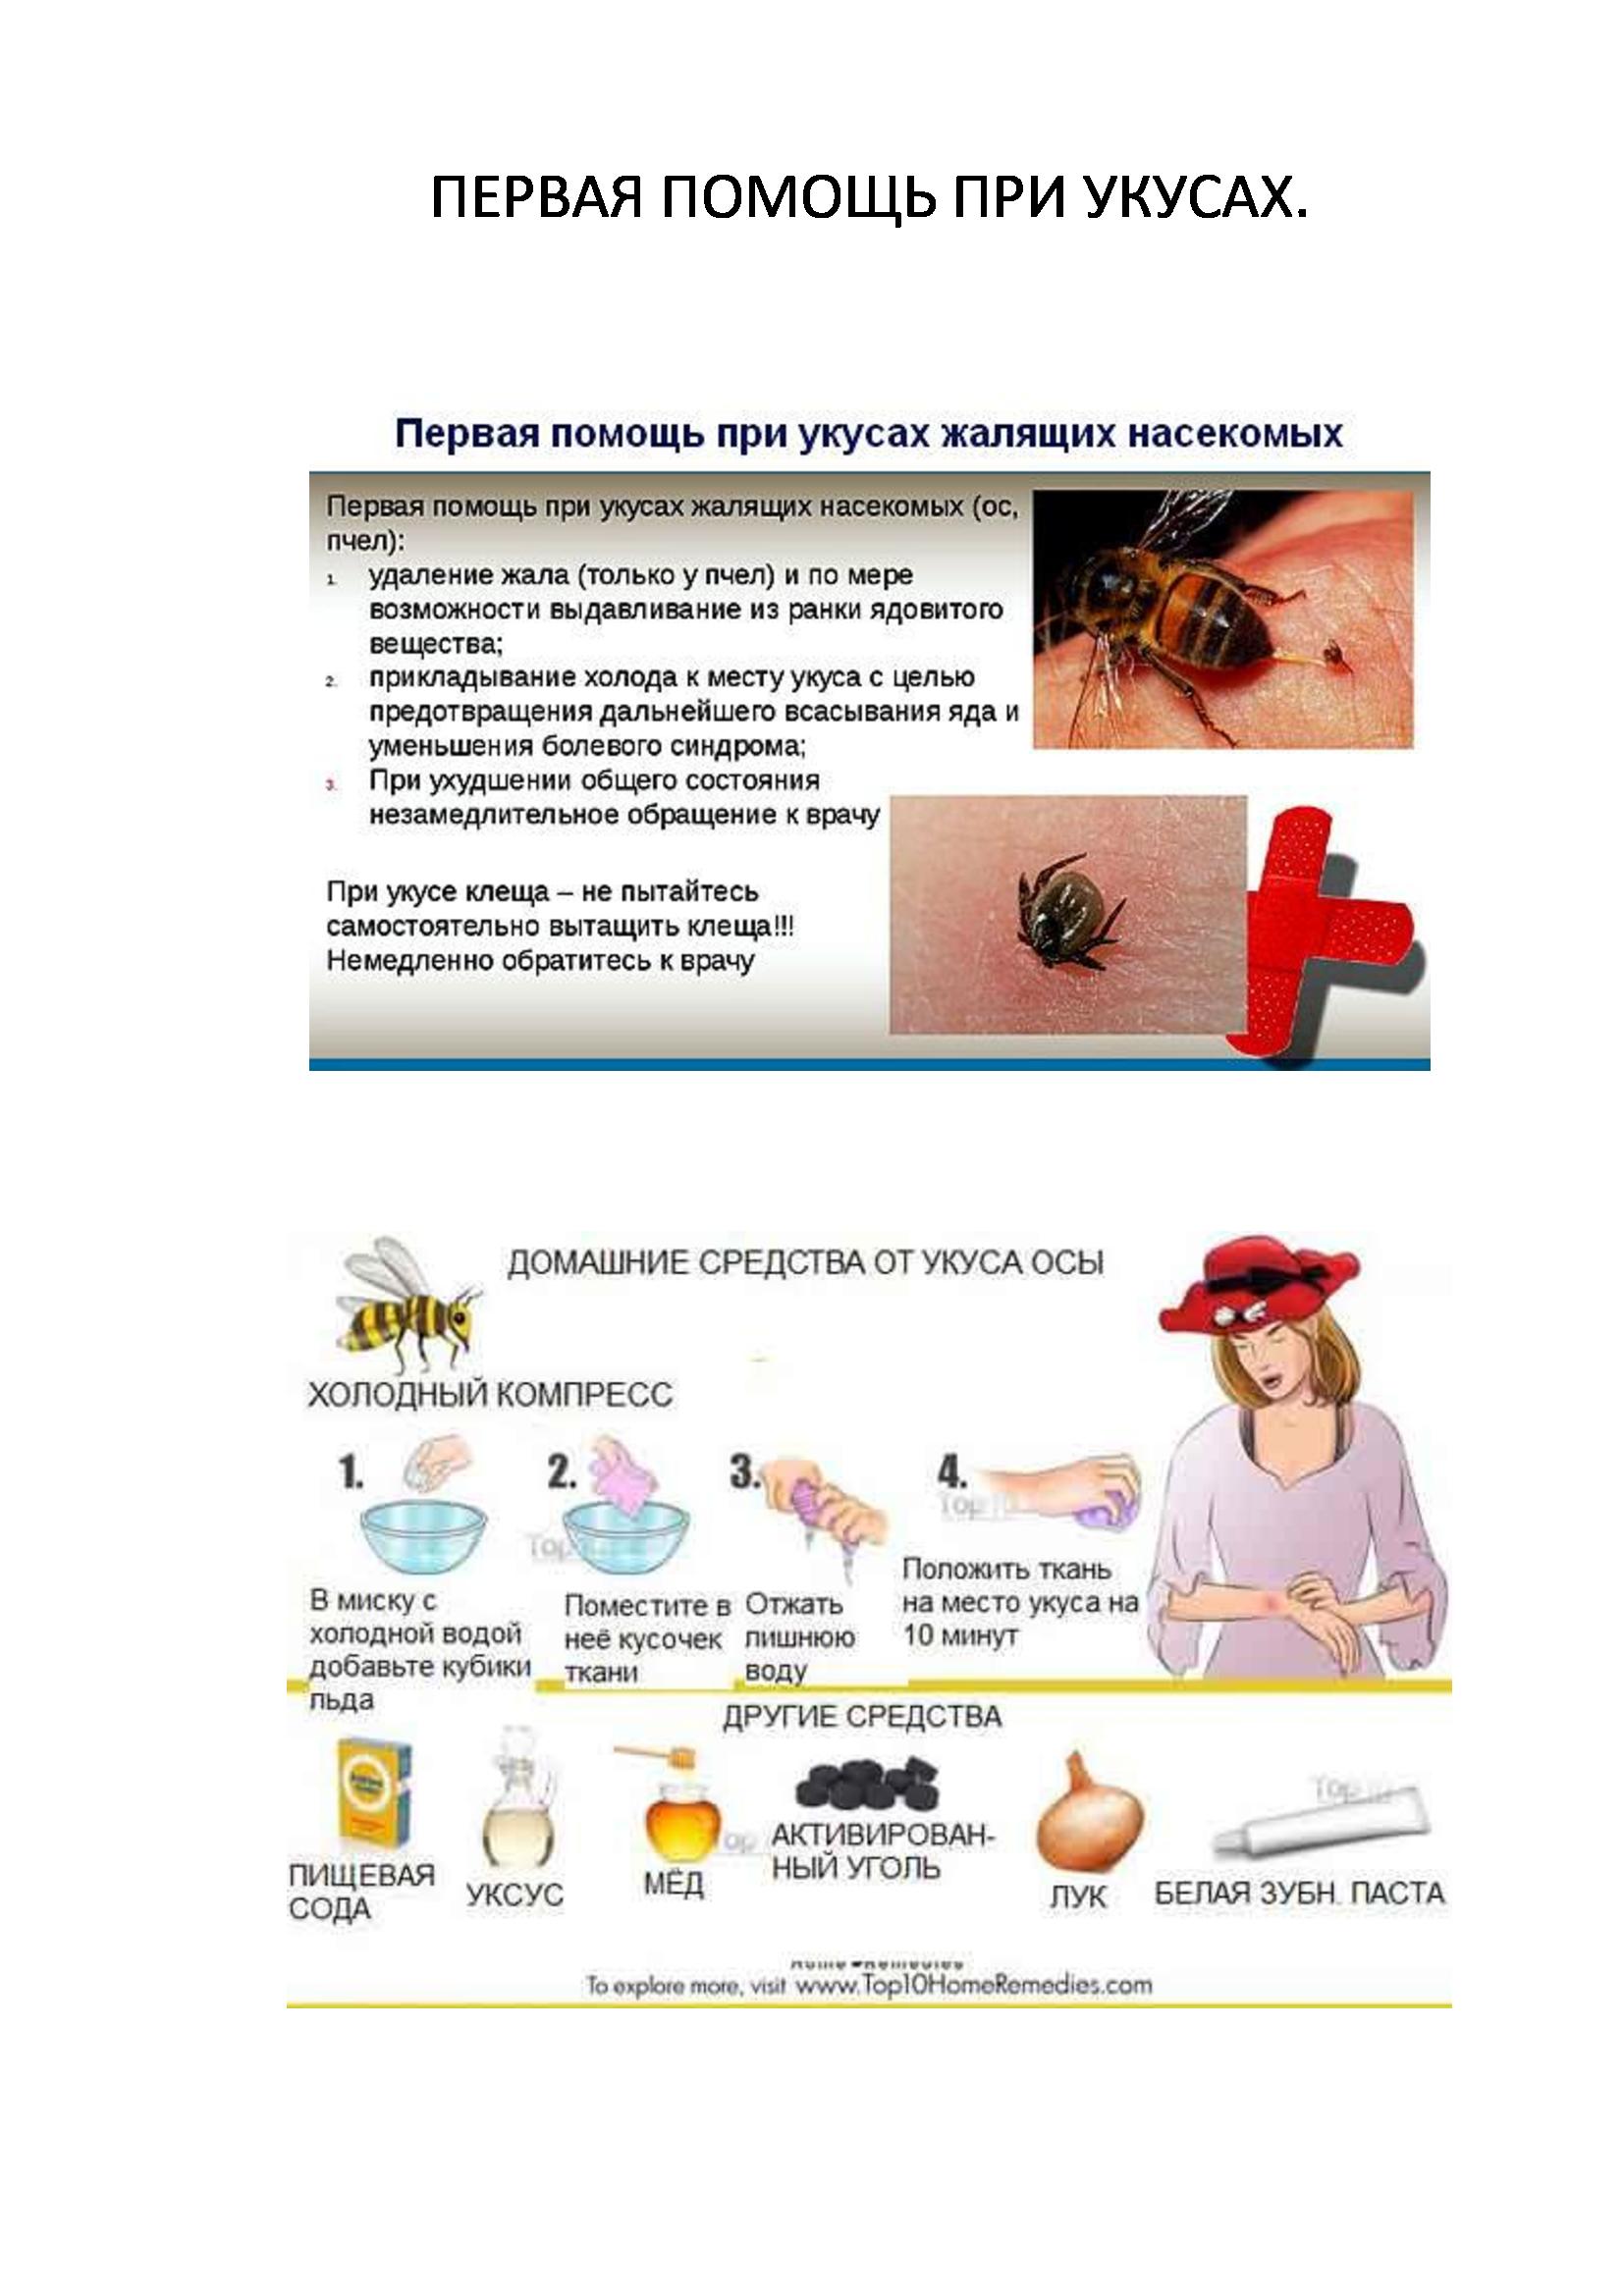 Аптечка пчеловода и первая помощь на пасеке при укусах пчел